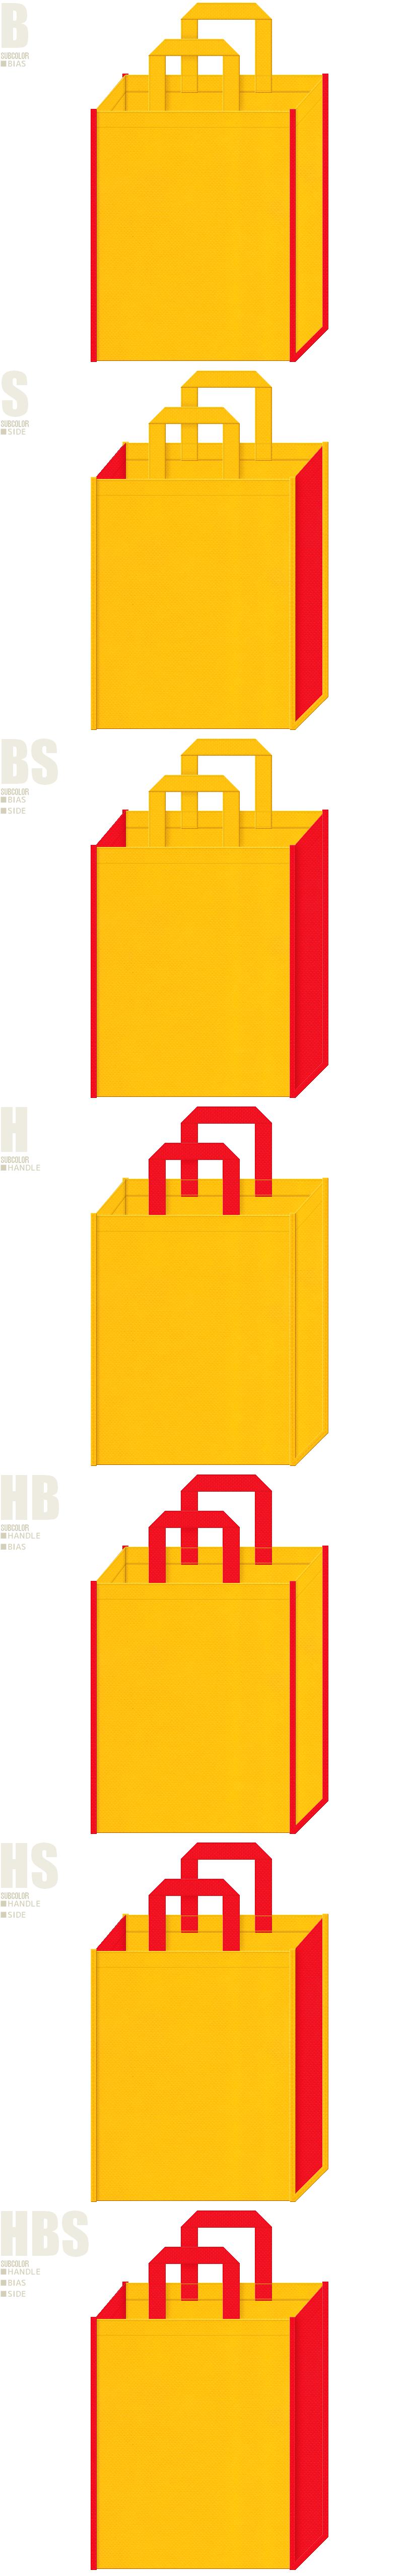 おもちゃ・テーマパークにお奨めの不織布バッグデザイン:黄色と赤色の不織布バッグ配色7パターン。